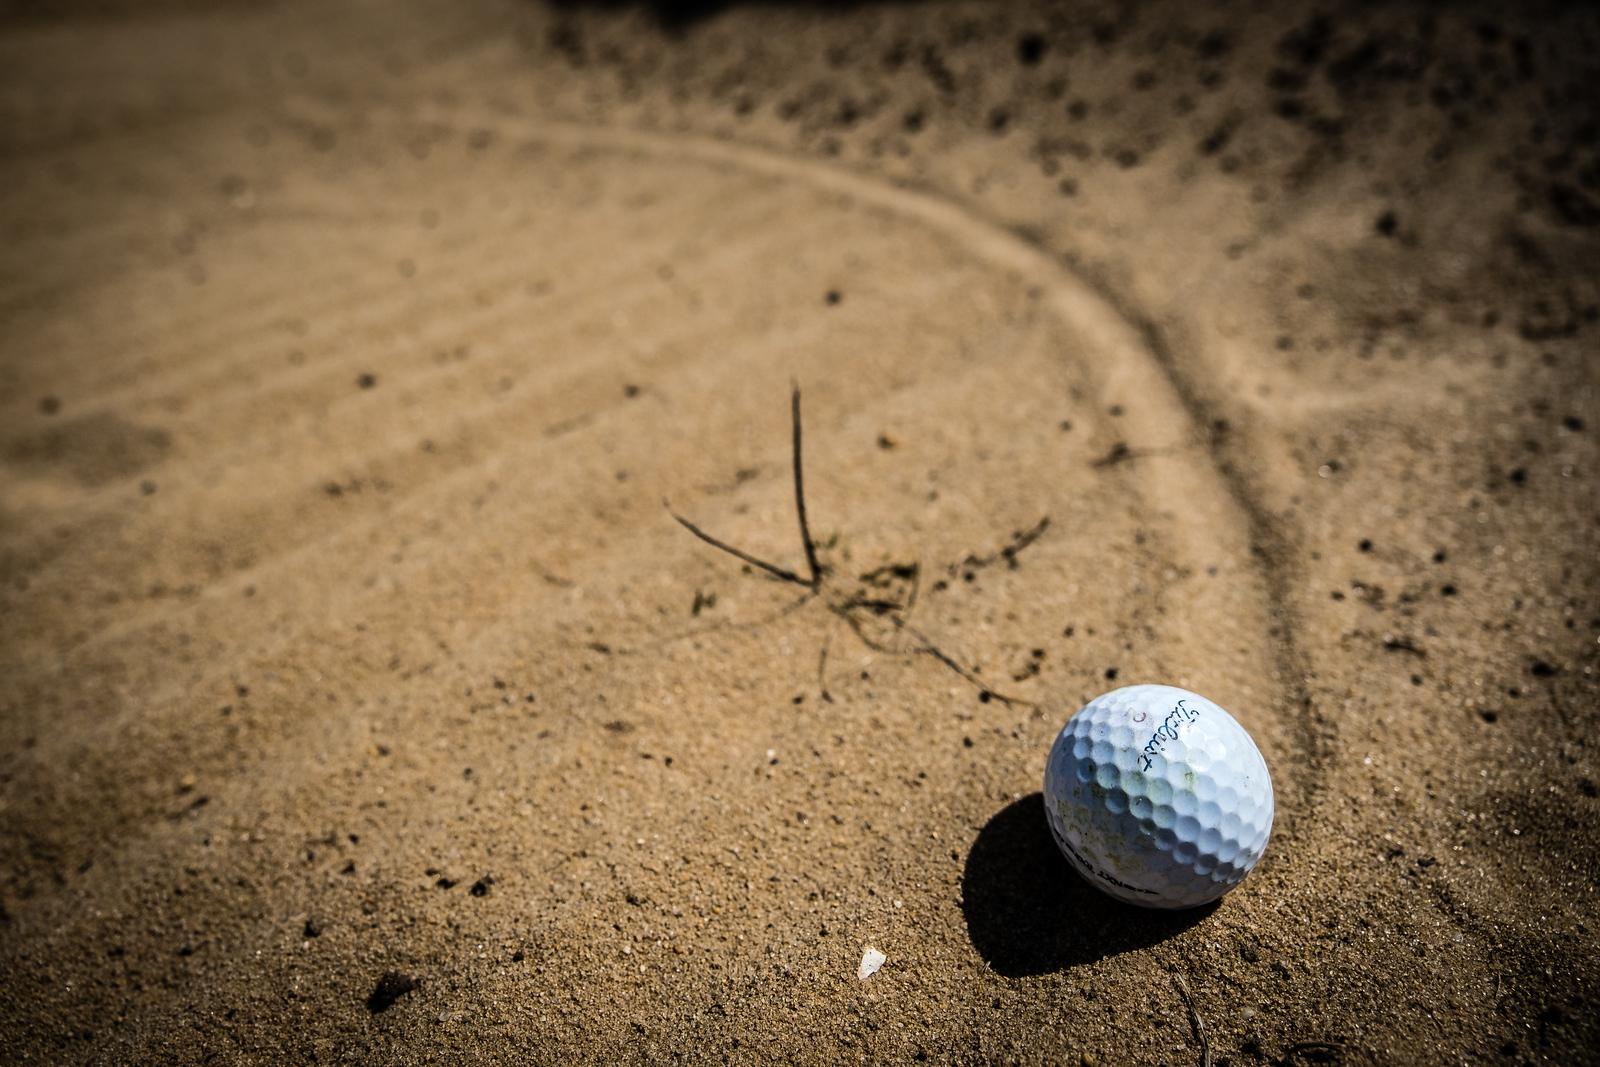 Golf Ball in a bunker